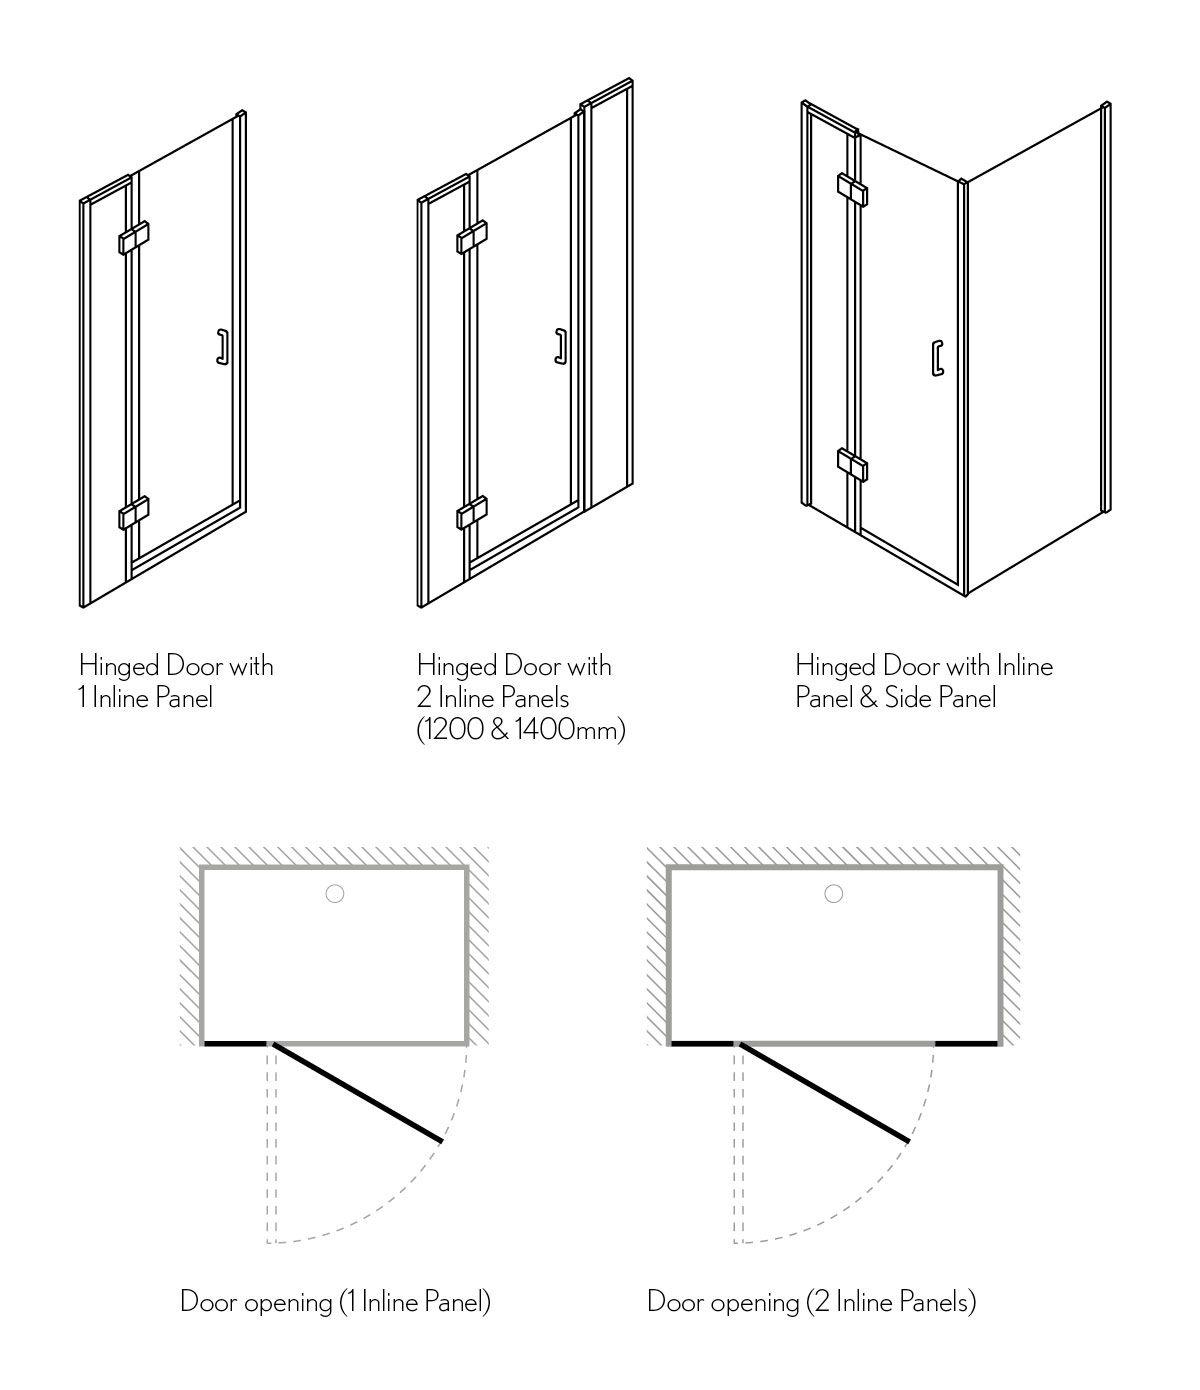 Ten Hinged Shower Door With Inline Panel Shower Doors Shower Enclosure Shower